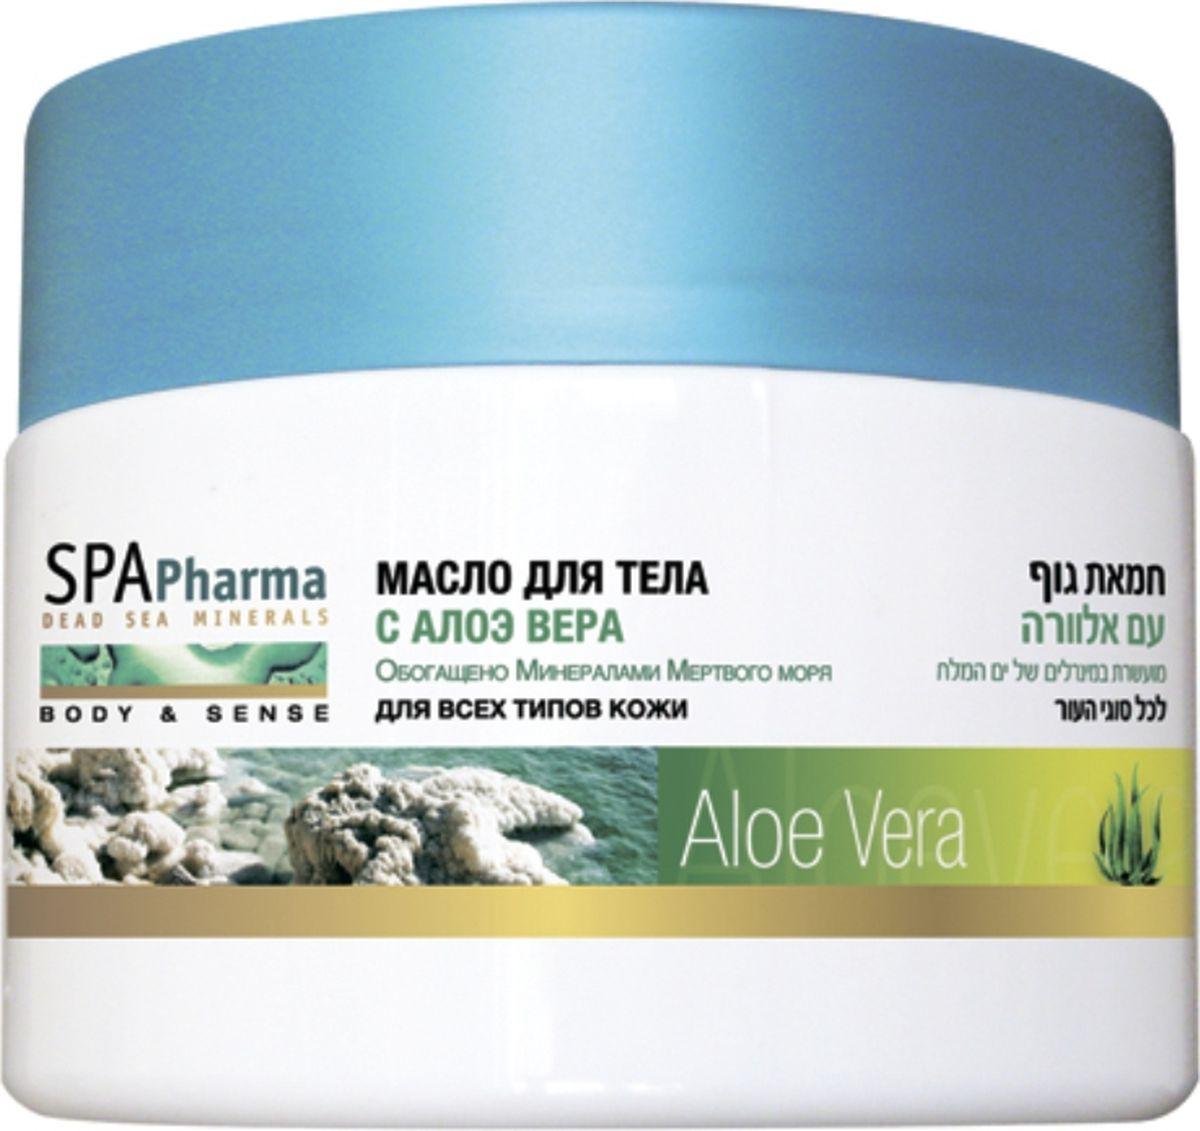 Spa Pharma Масло для тела с алоэ вера для всех типов кожи (успокаивающее), Spa Pharma 350 млSPh1492Благодаря высокому содержанию алоэ, оказывает успокаивающее действие на кожу и помогает бороться с воспалениями, раздражениями и различными видами аллергических реакций.Масла ши и миндаля прекрасно увлажняют, задерживая влагу в коже, а значит продлевая ощущение комфорта и молодость кожи.